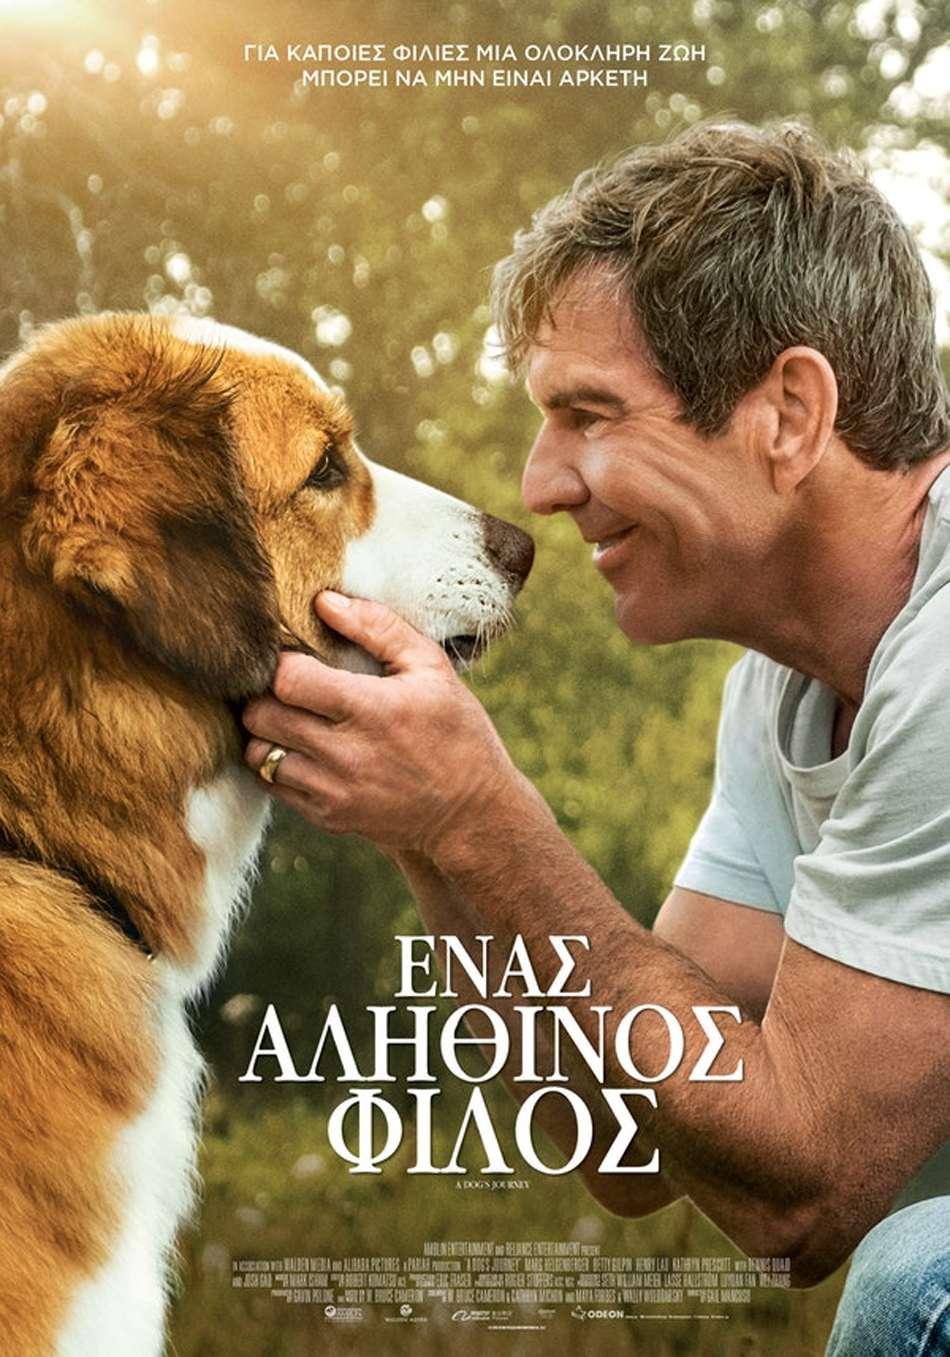 Ένας Αληθινός Φίλος (A Dog's Journey) - Trailer / Τρέιλερ Poster